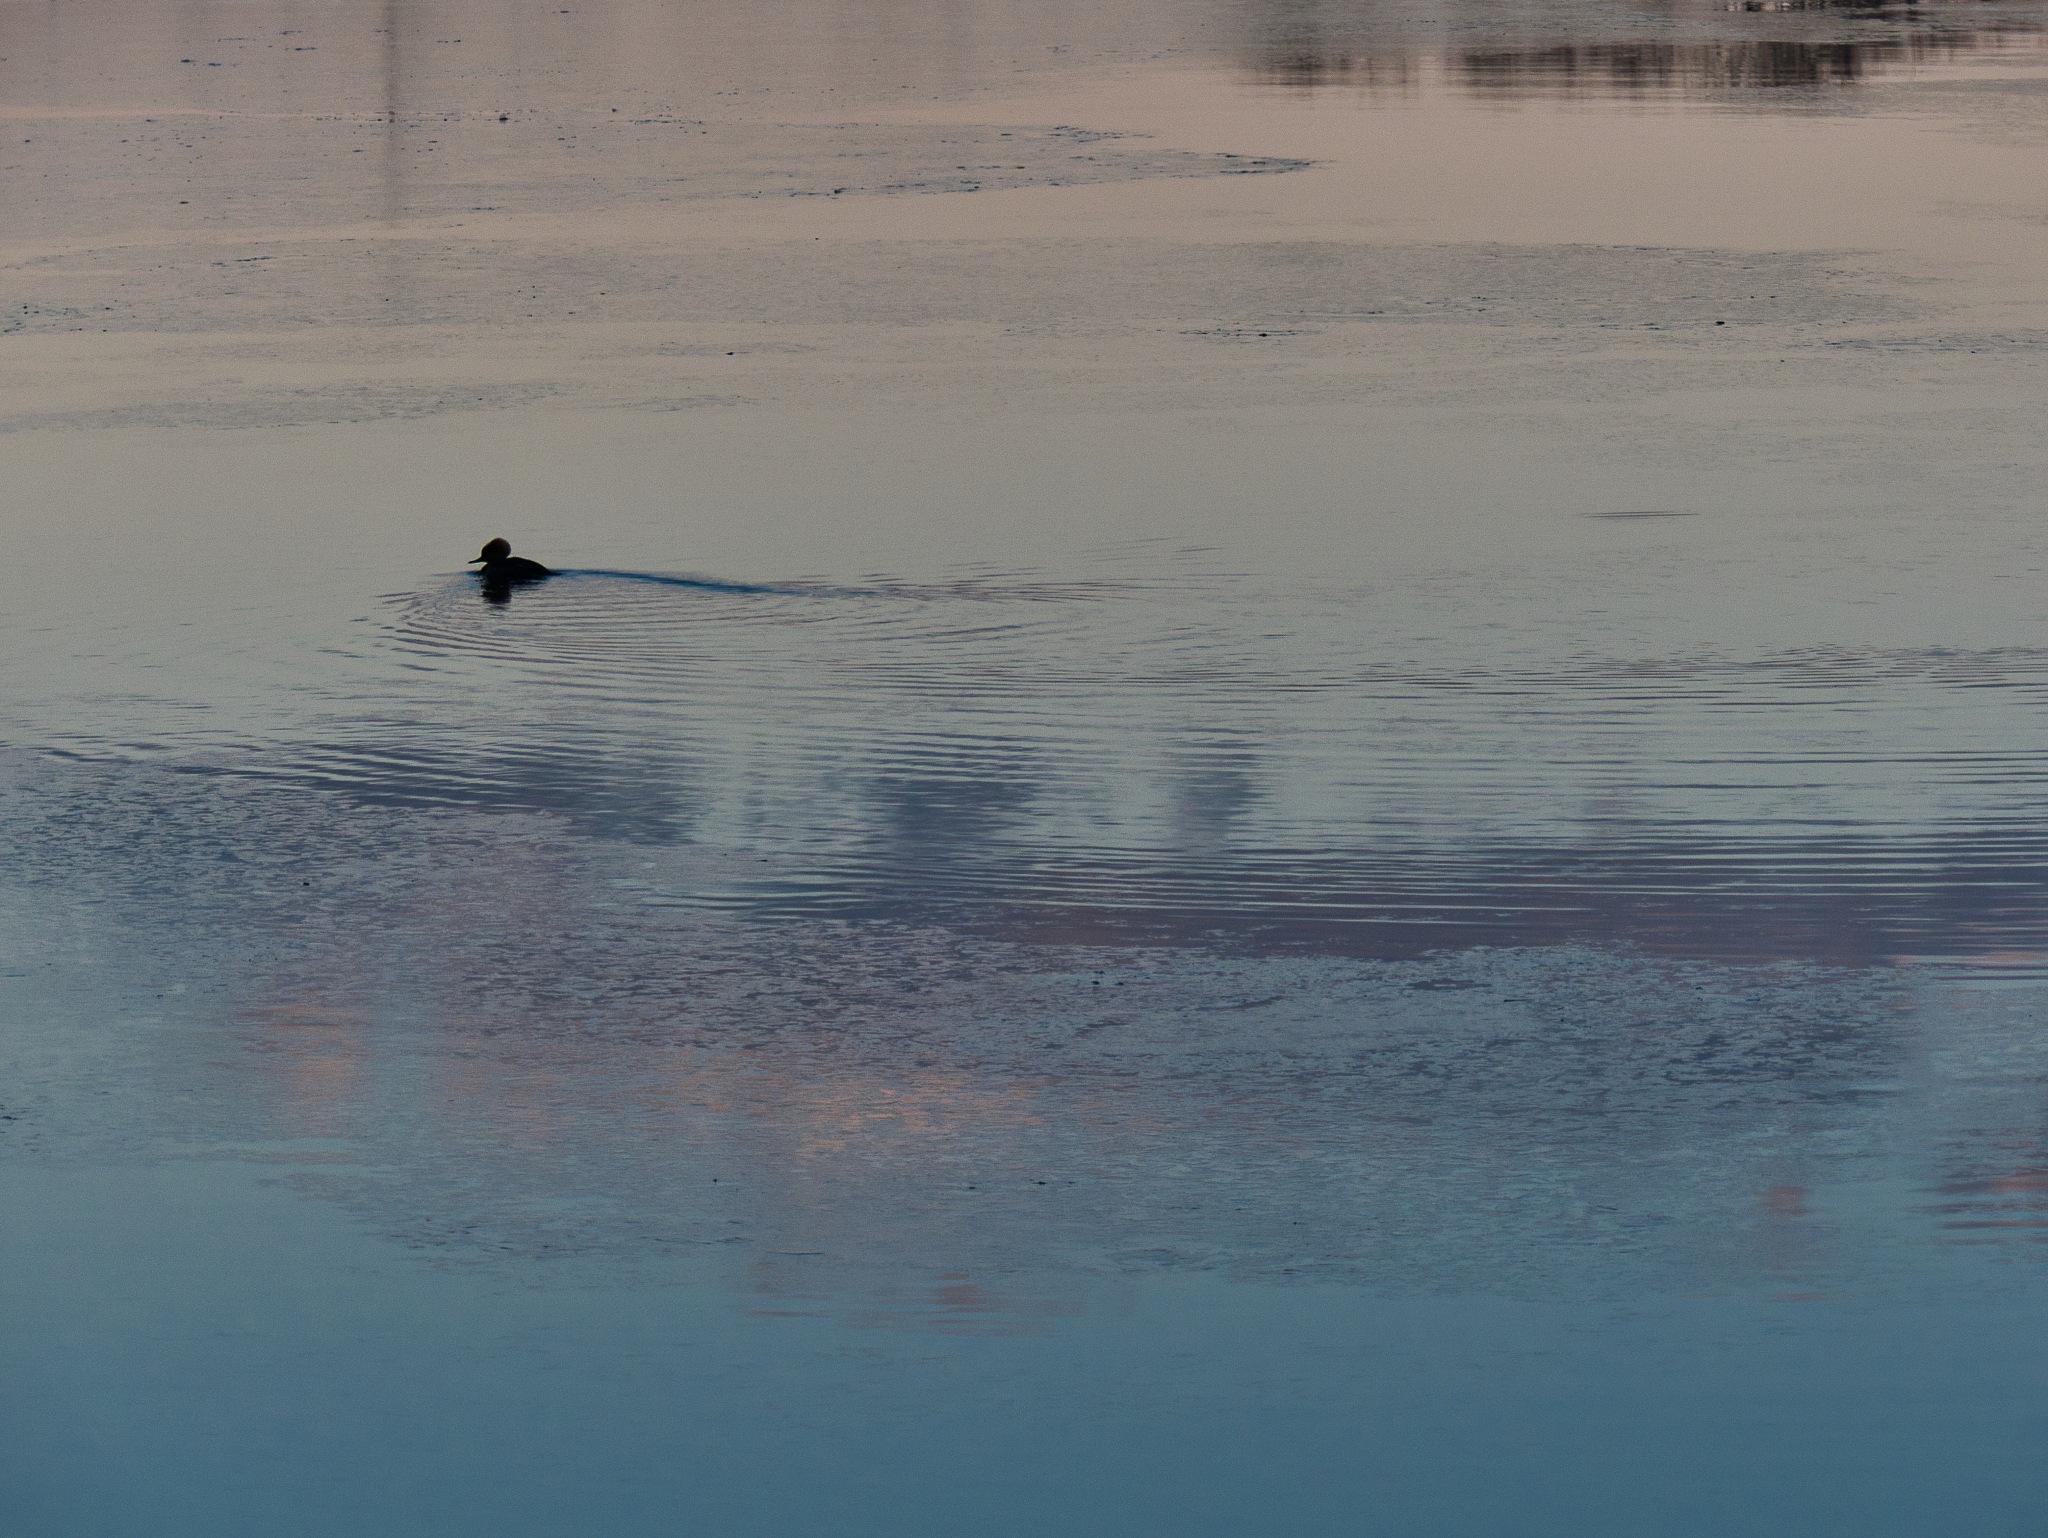 Merganser on the Bass River by D. Scott Hufford